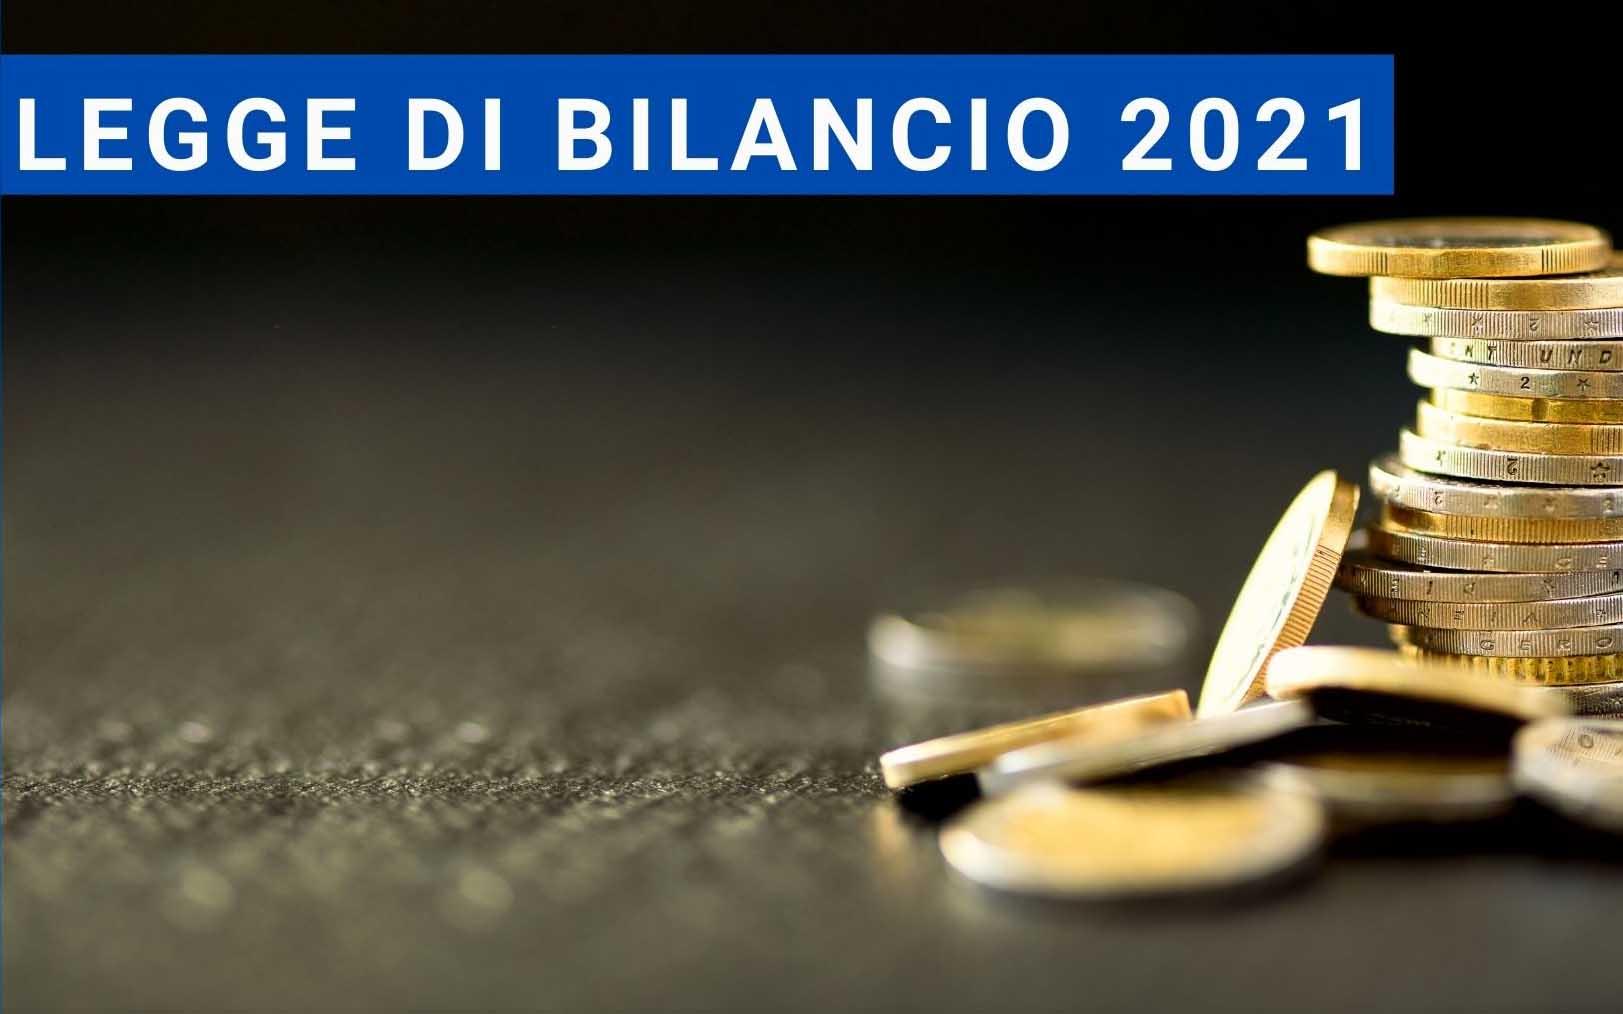 LEGGE DI BILANCIO 2021 - 13/01/2021